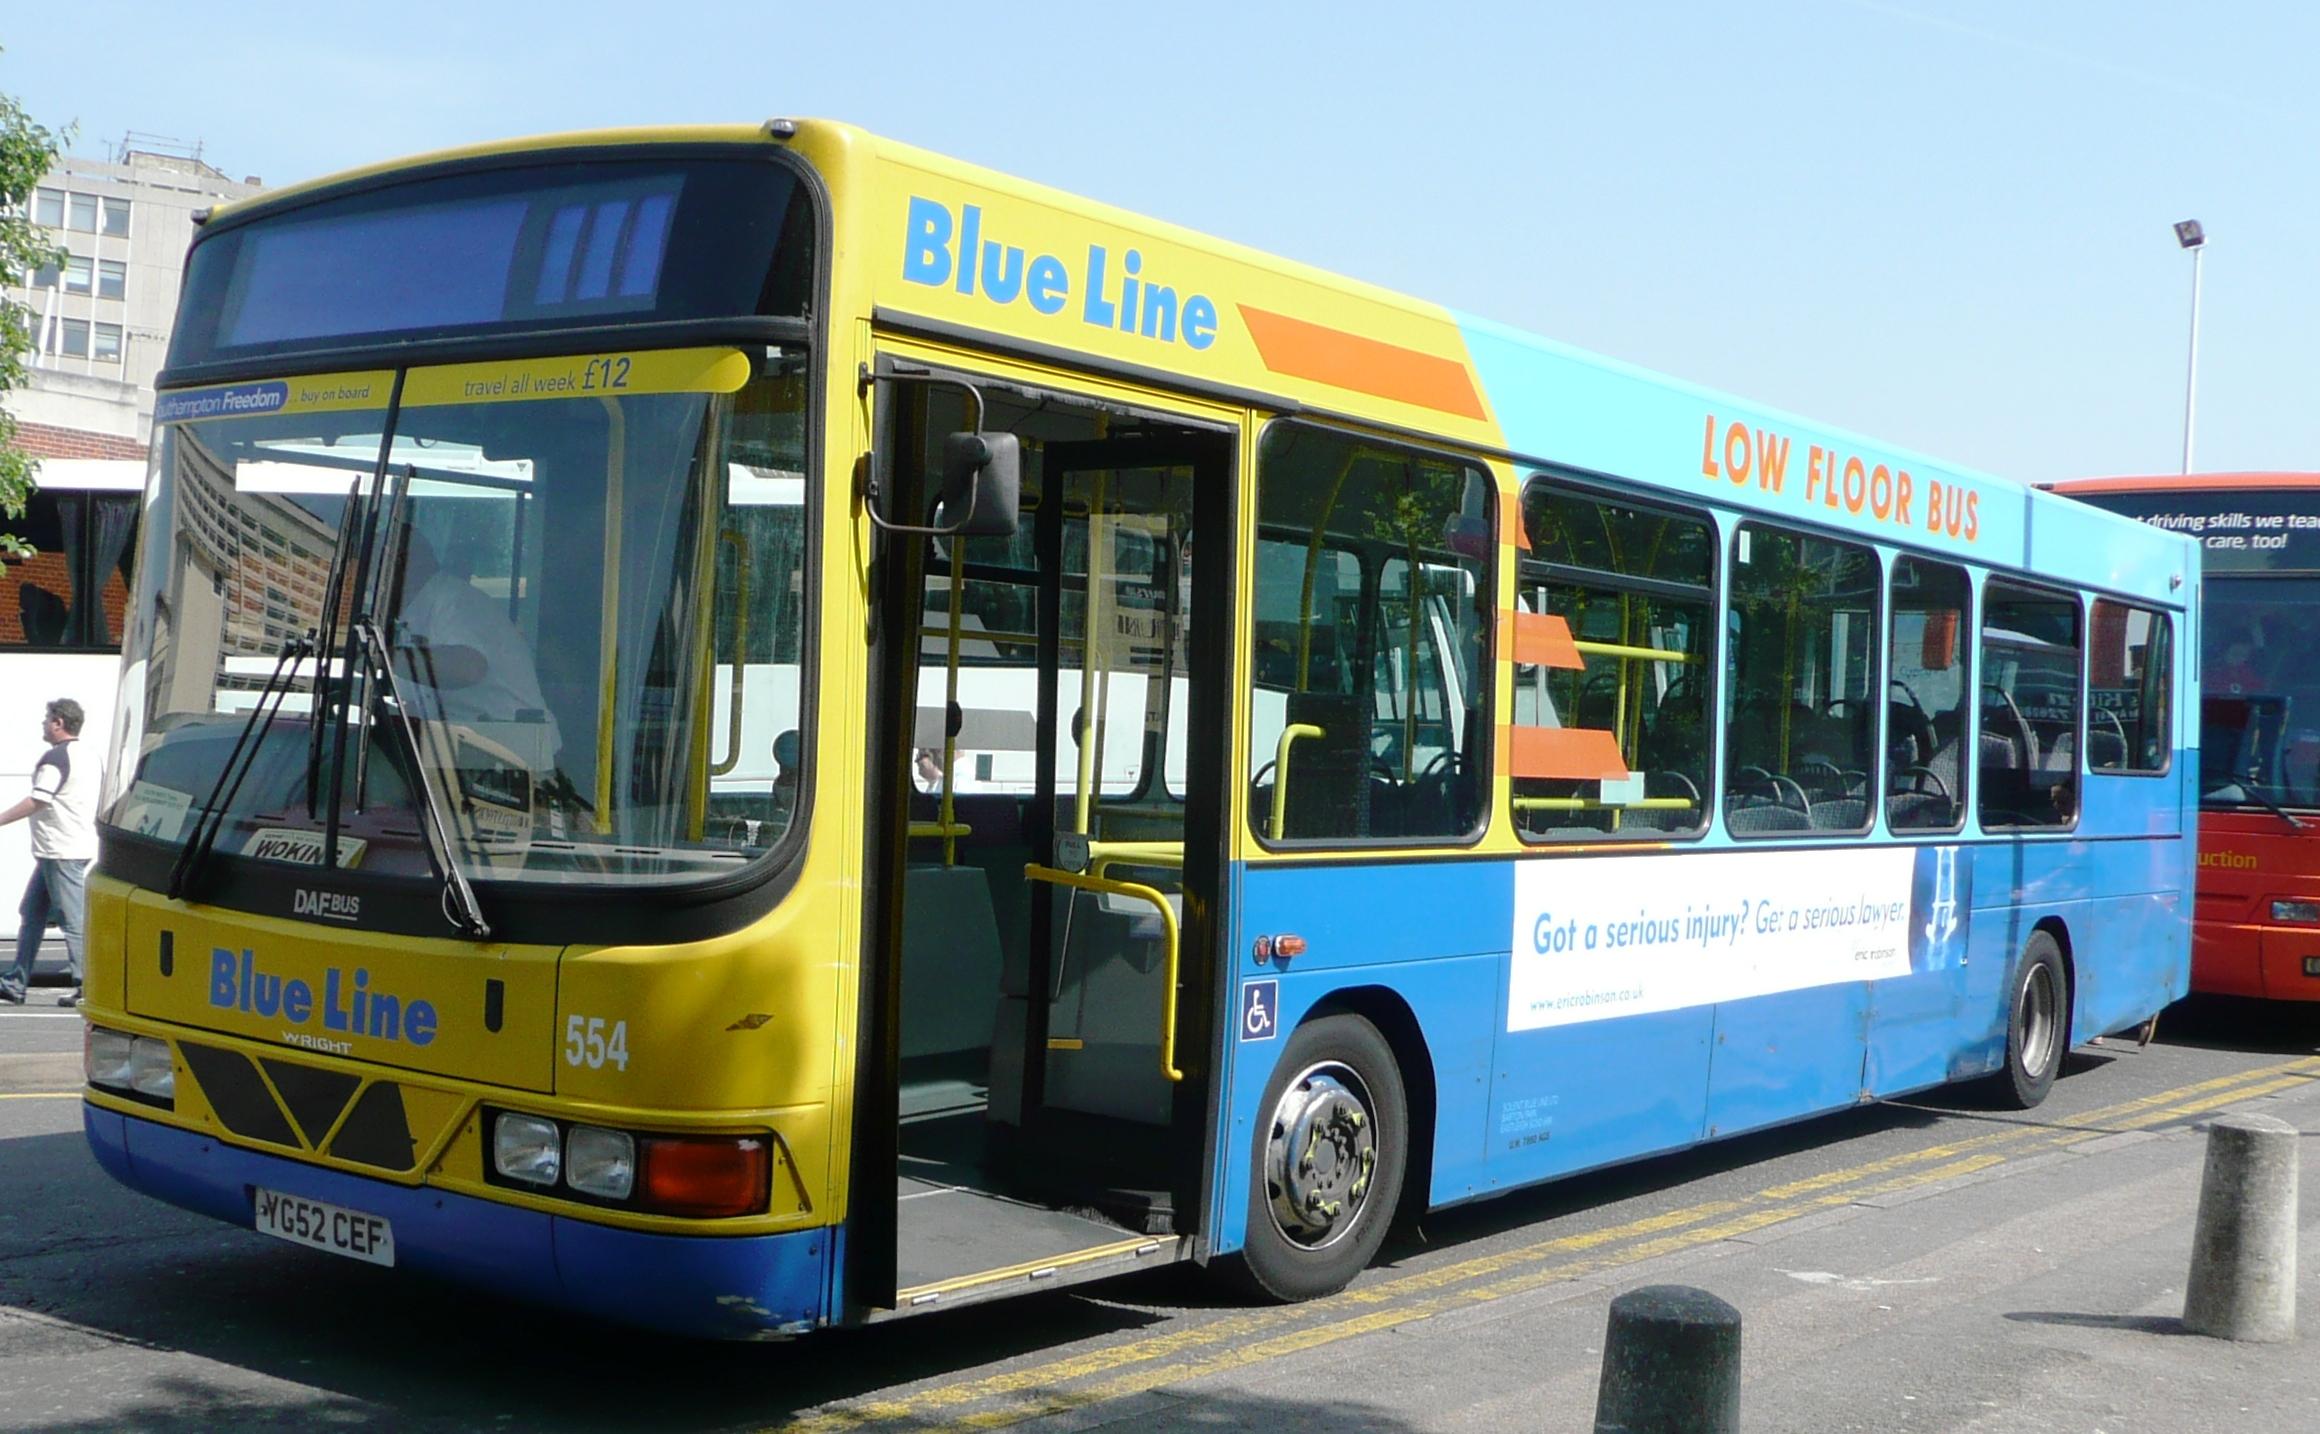 File:Solent Blue Line 554.JPG